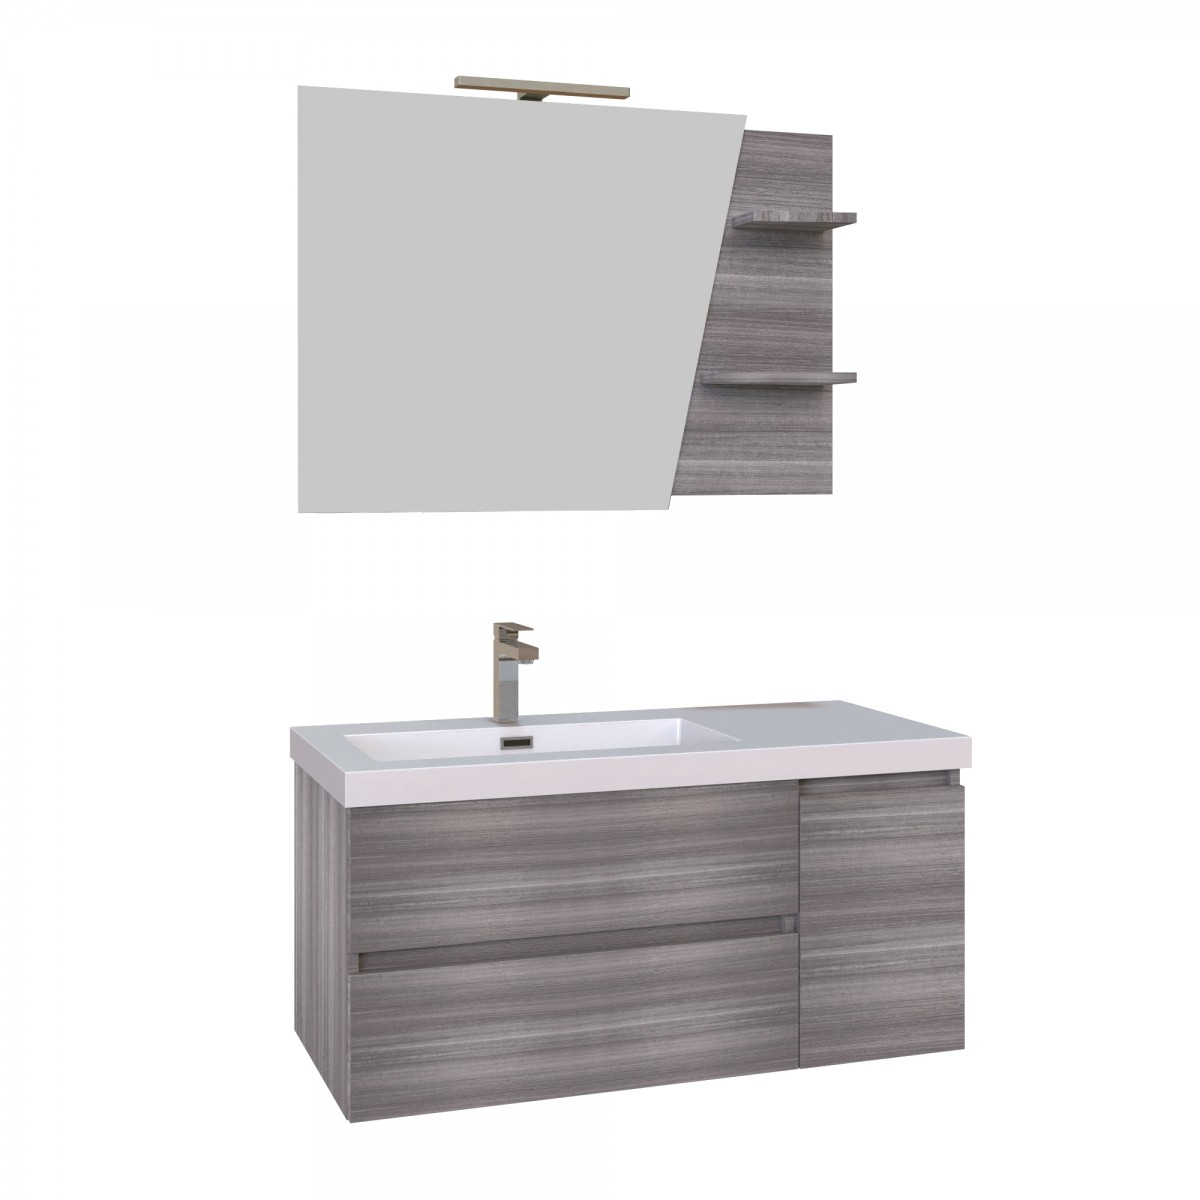 Mobile bagno sospeso 100cm grigio